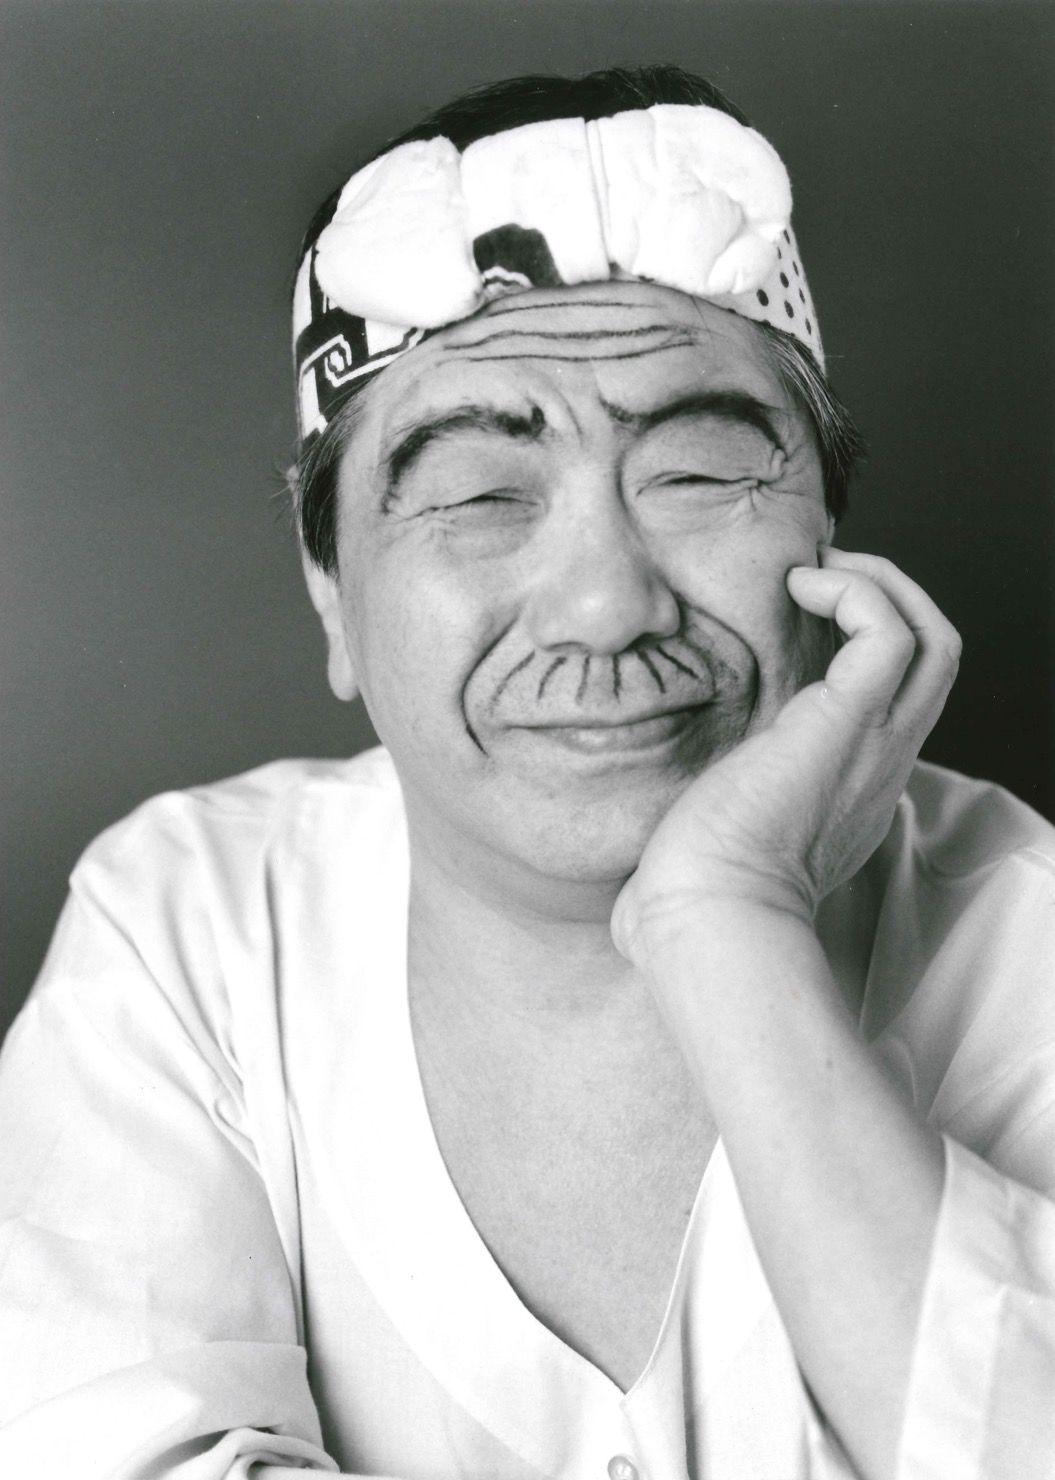 映画『マンガをはみだした男 赤塚不二夫』の試写会が開催